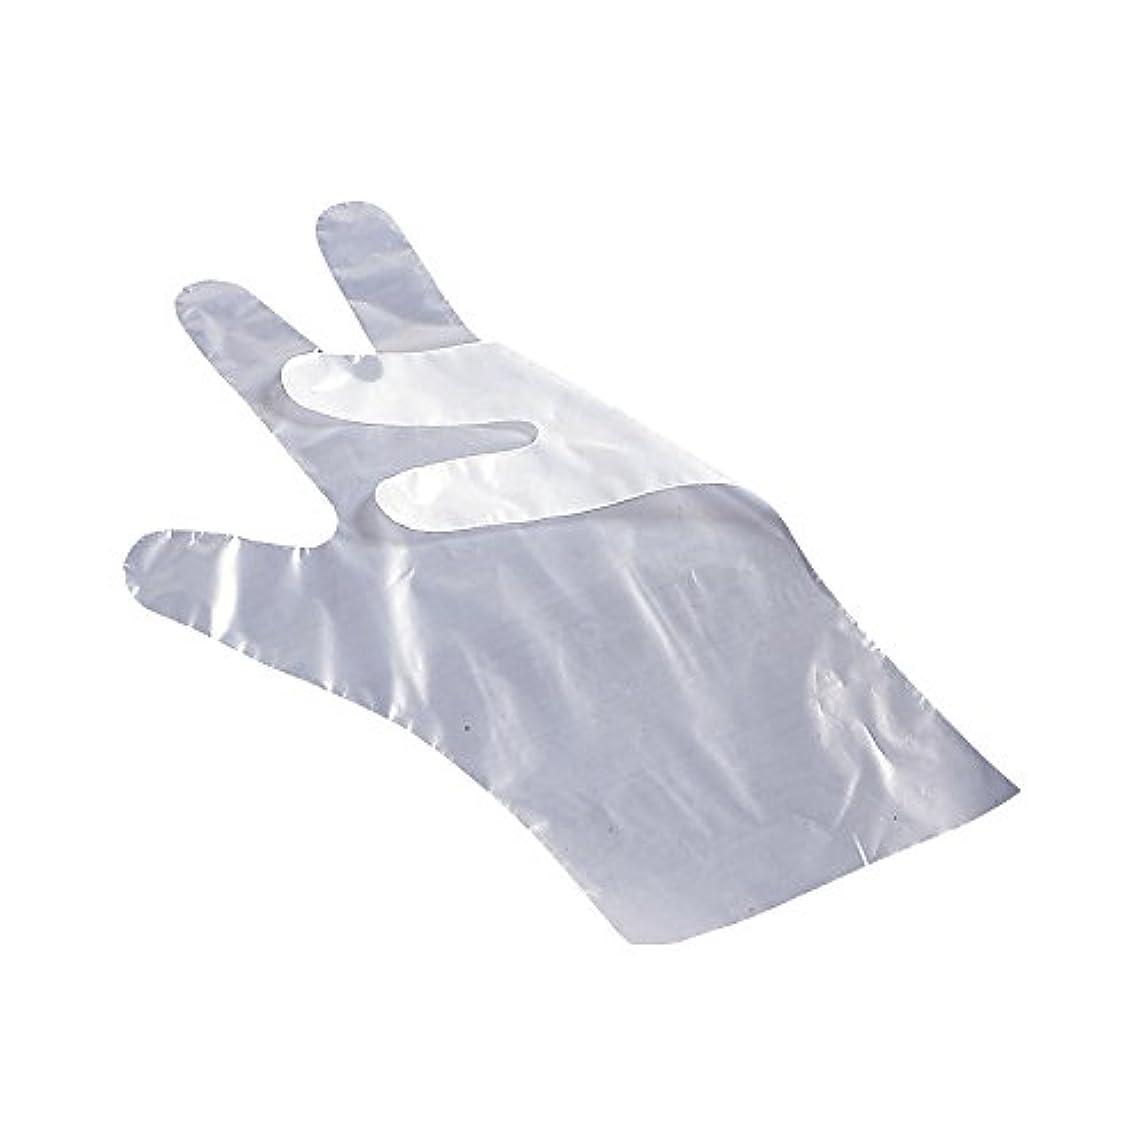 汚染された発言するエステートサクラメンエンボス手袋 デラックス 白 S 100枚入